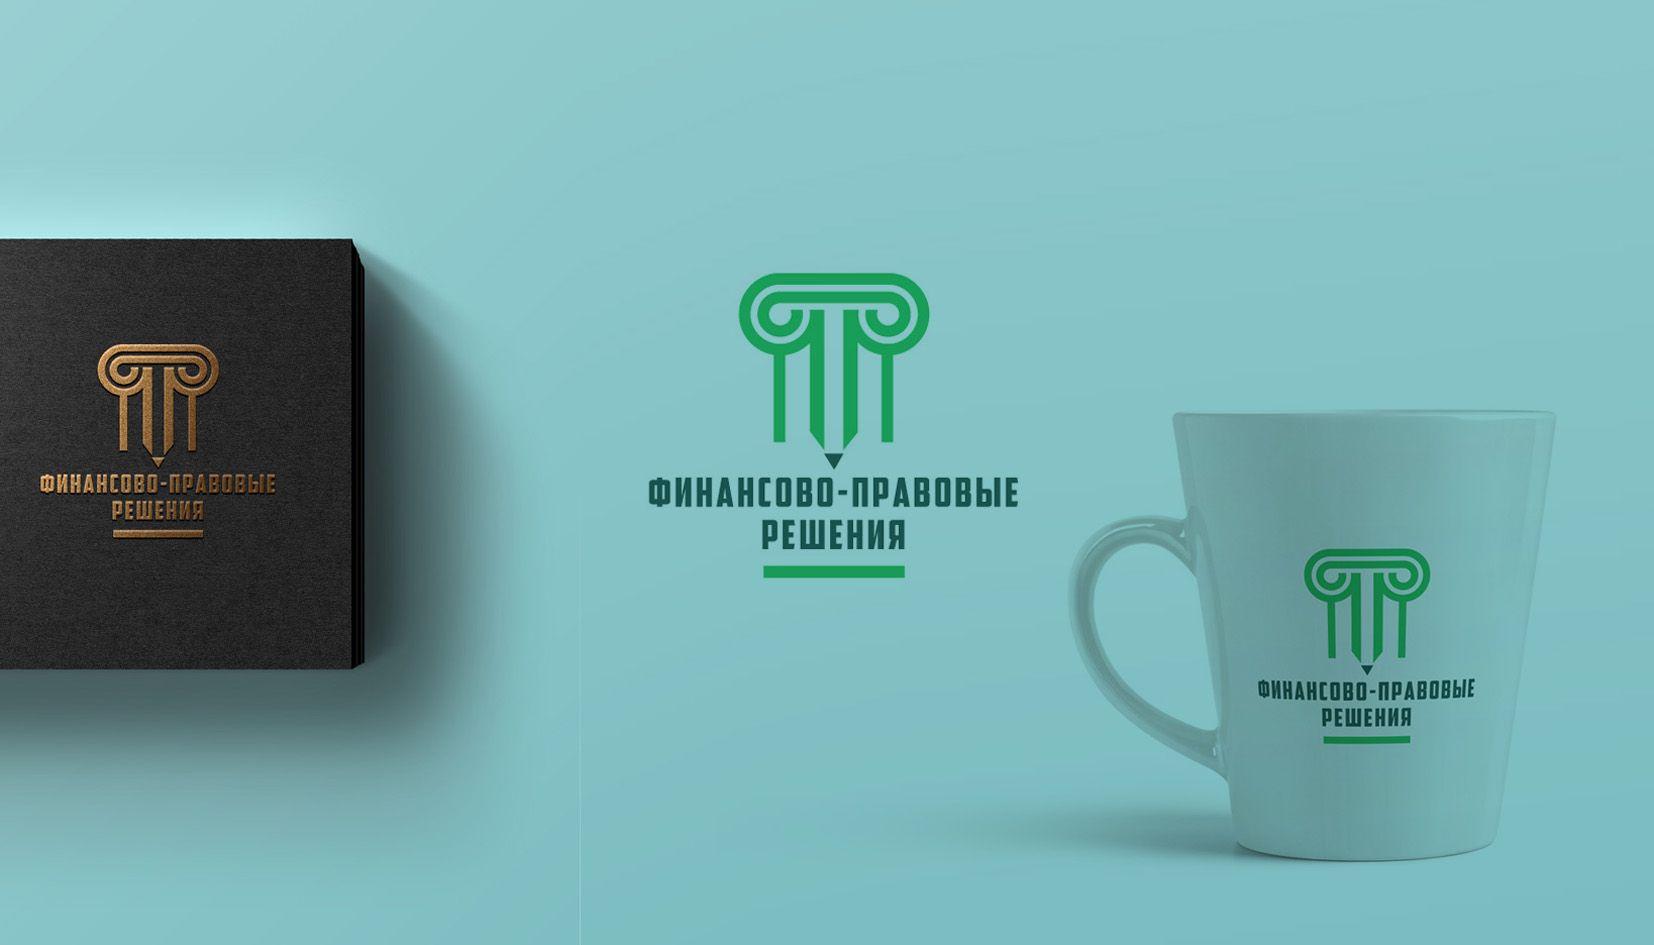 Лого и фирменный стиль для ФИНАНСОВО-ПРАВОВЫЕ РЕШЕНИЯ (сокращенно - ФПР) - дизайнер andblin61